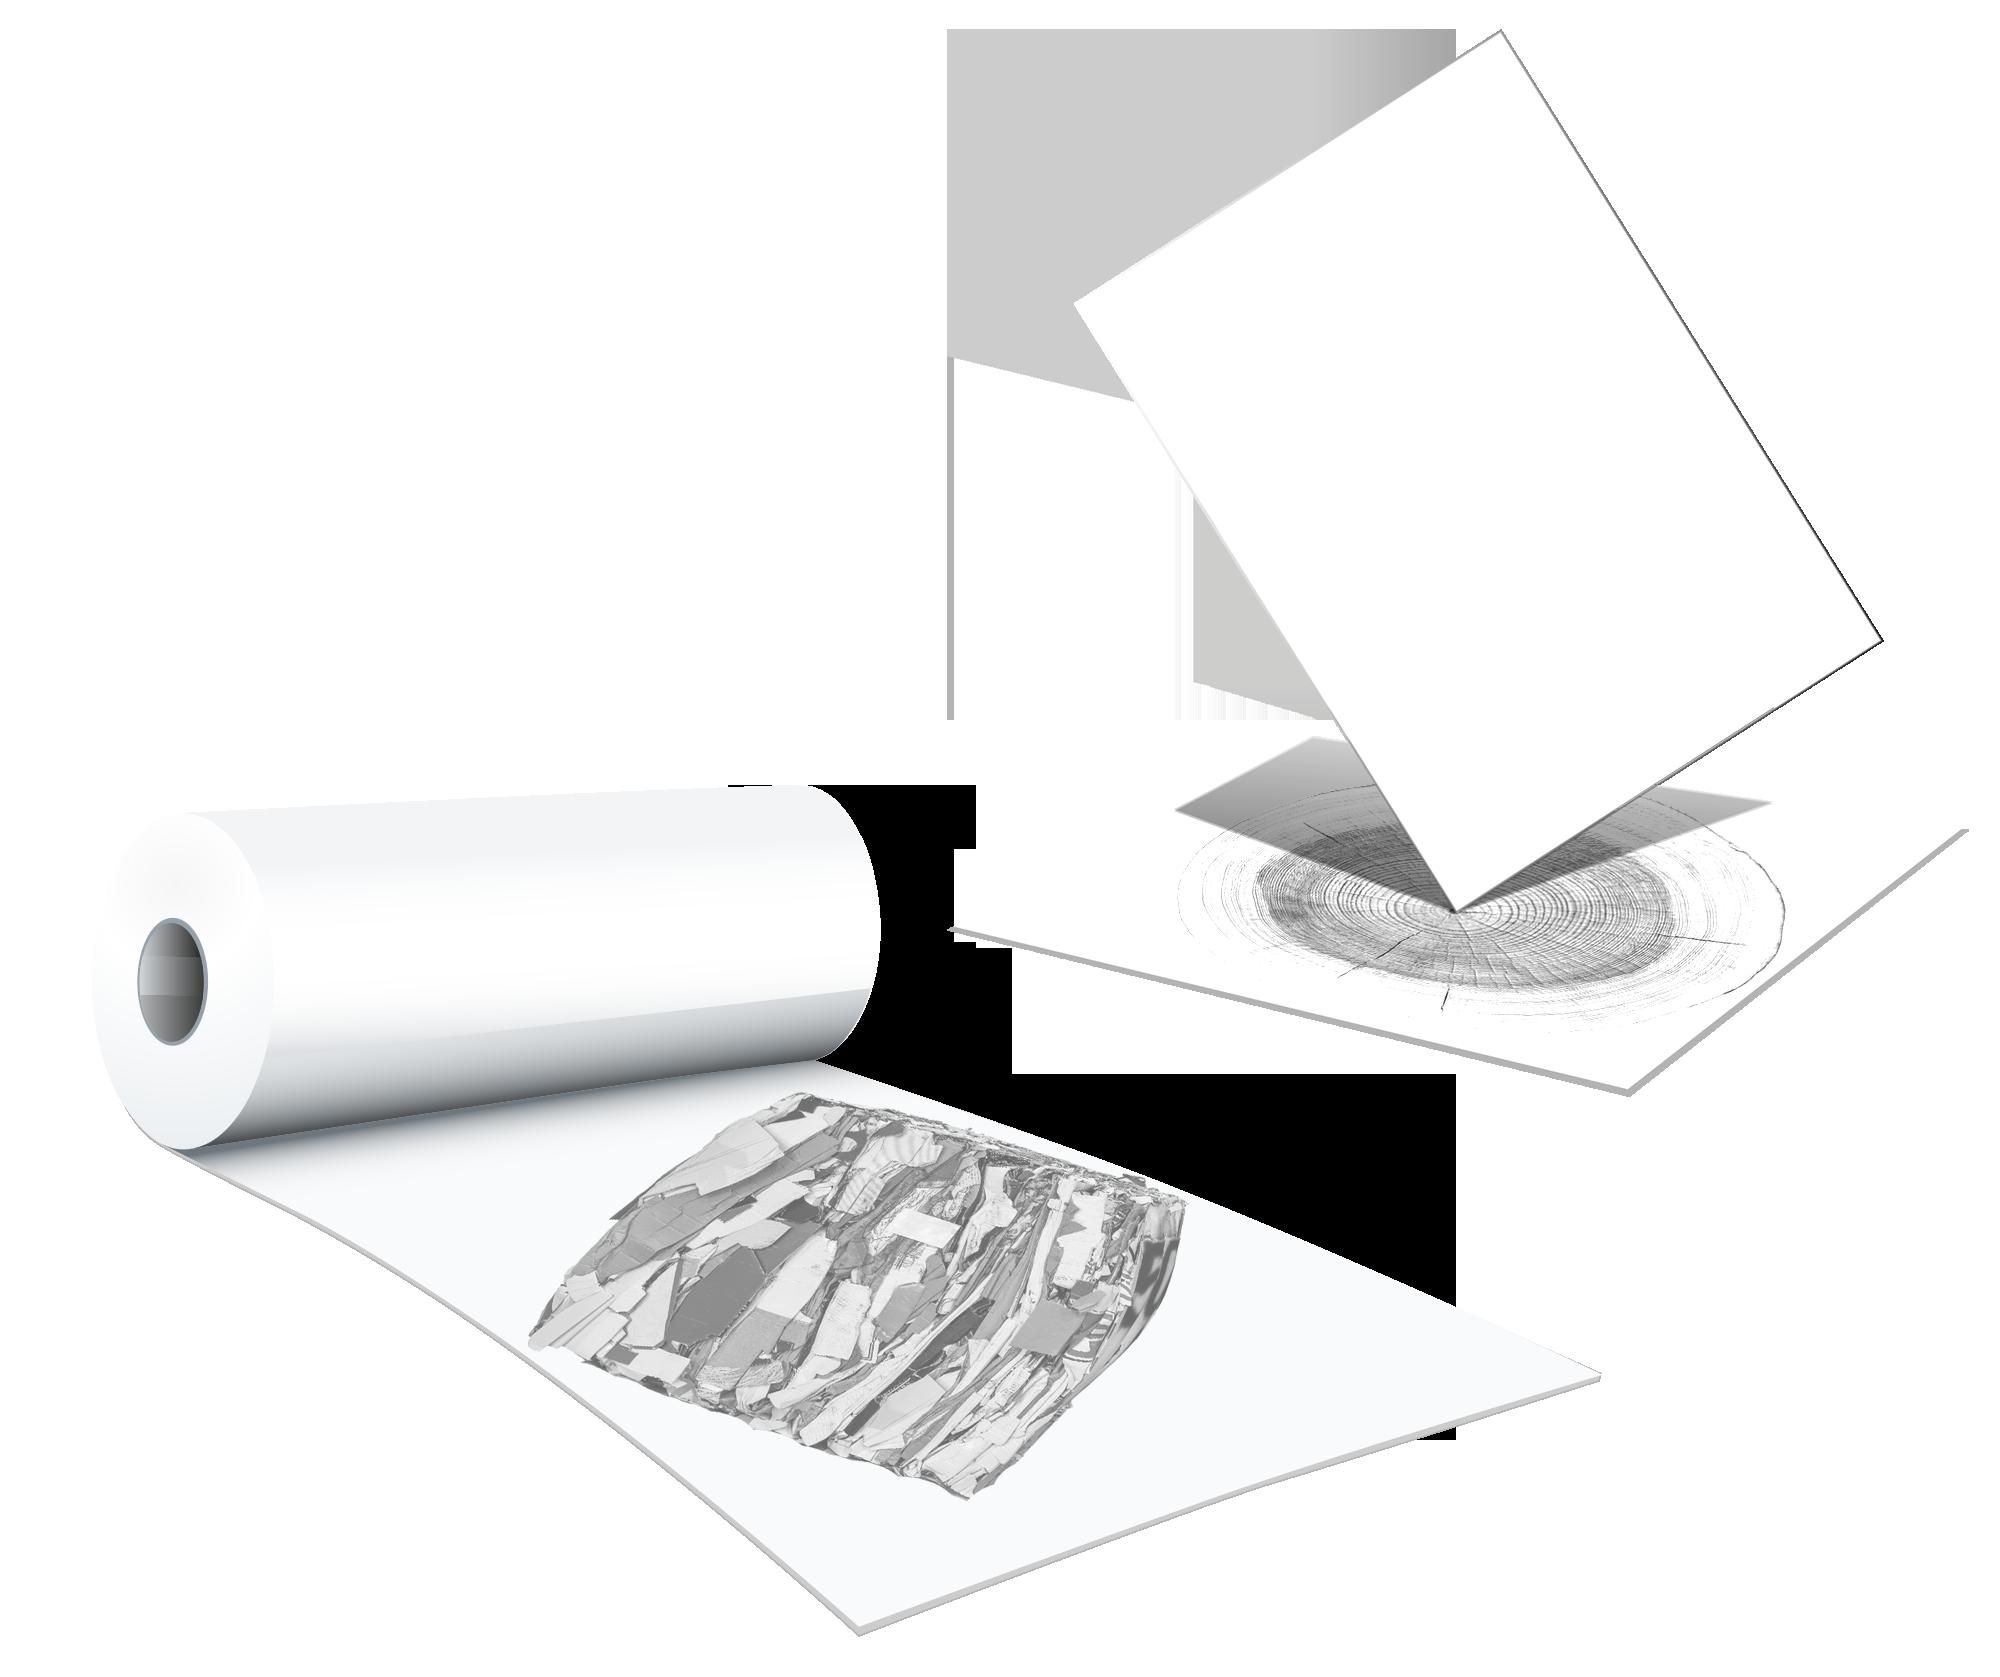 ENGELKARTON_Karton Rolle und Bogen